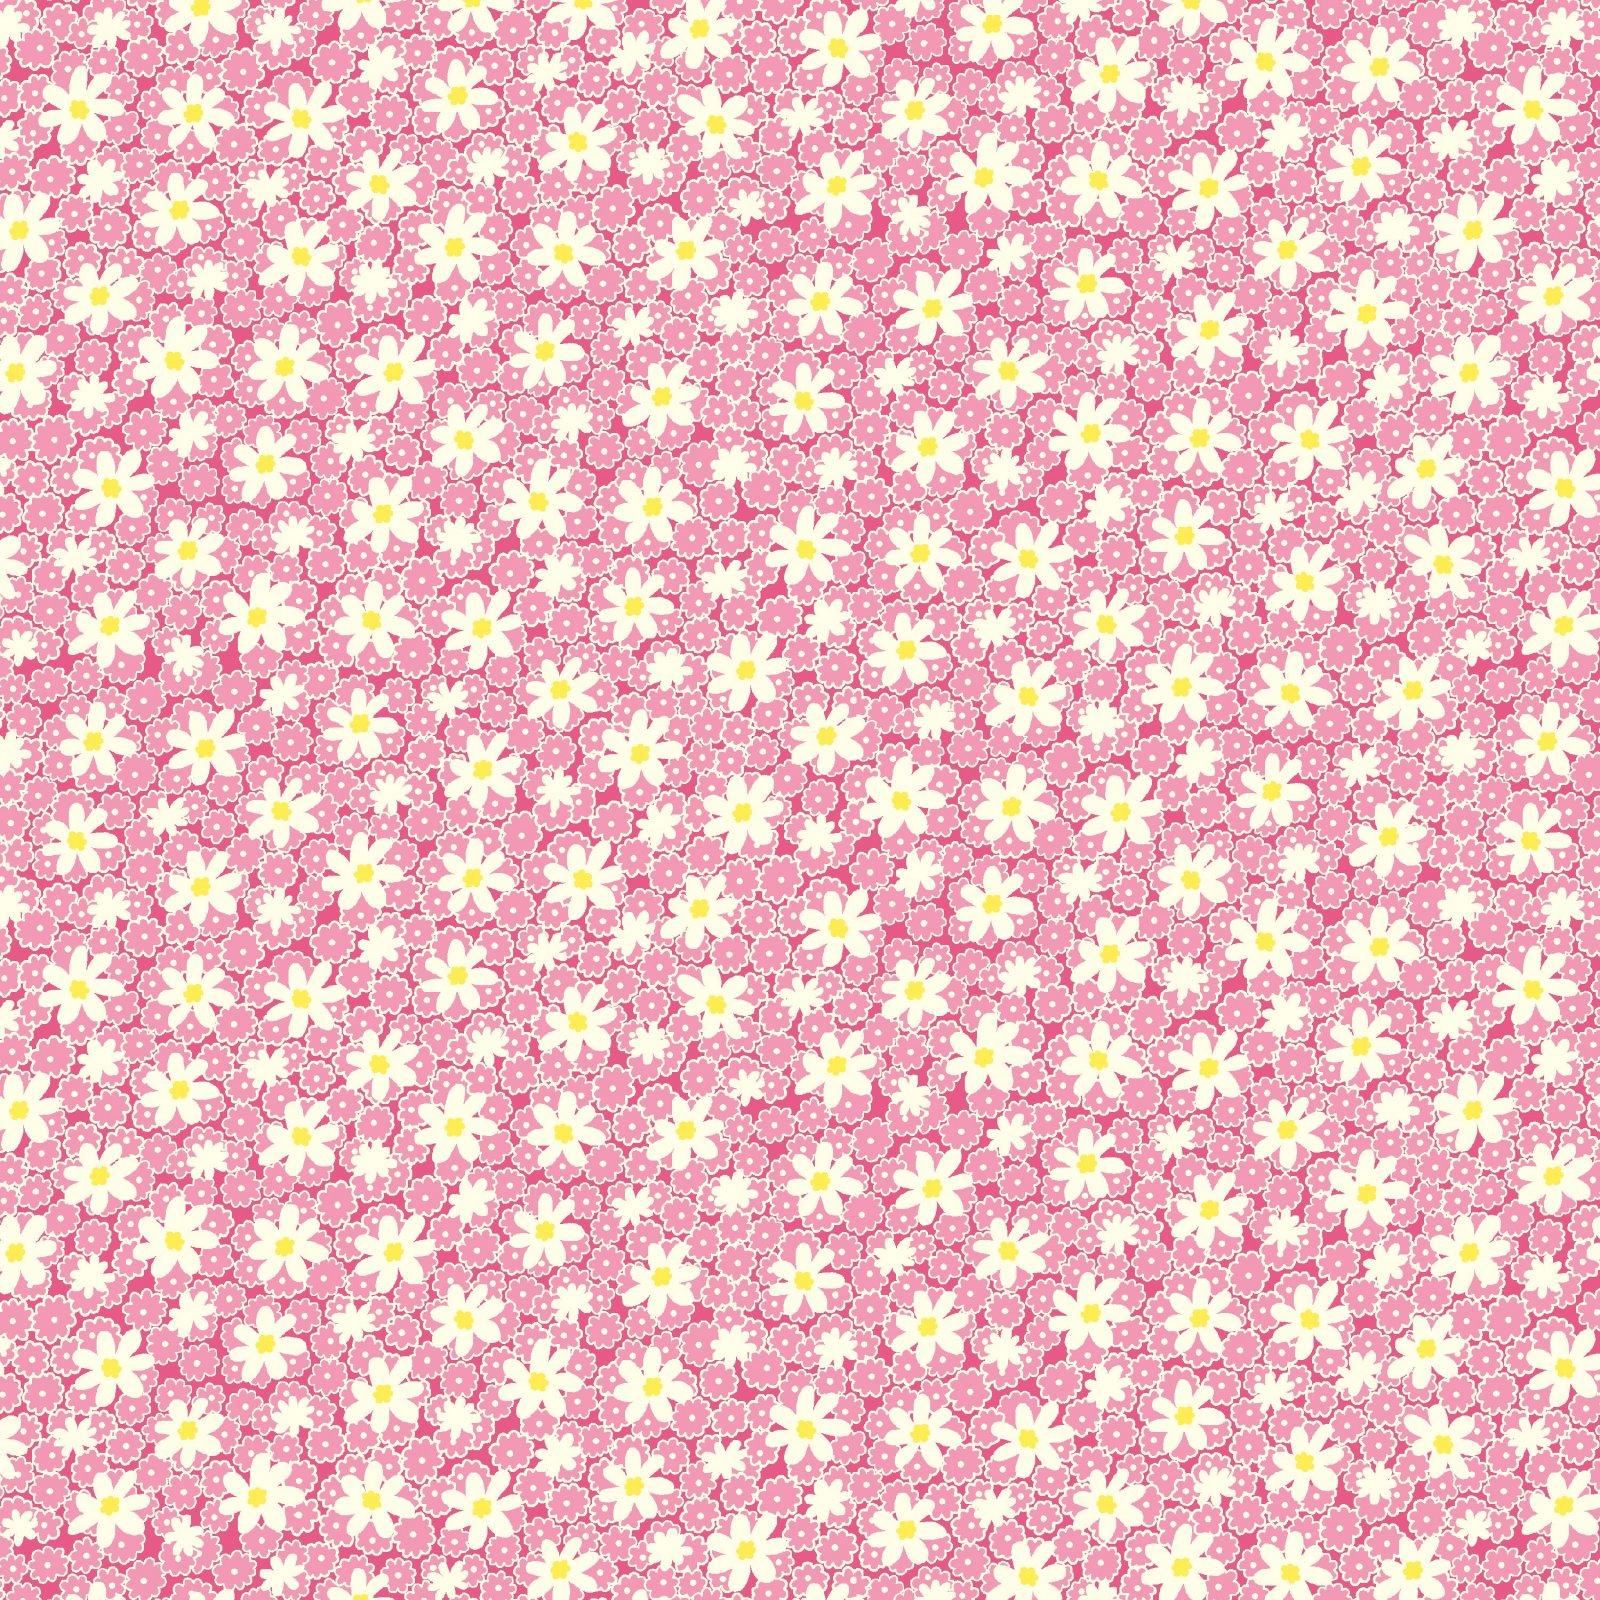 HG-Nana Mae V 9688-22 Pink - Packed Daisies